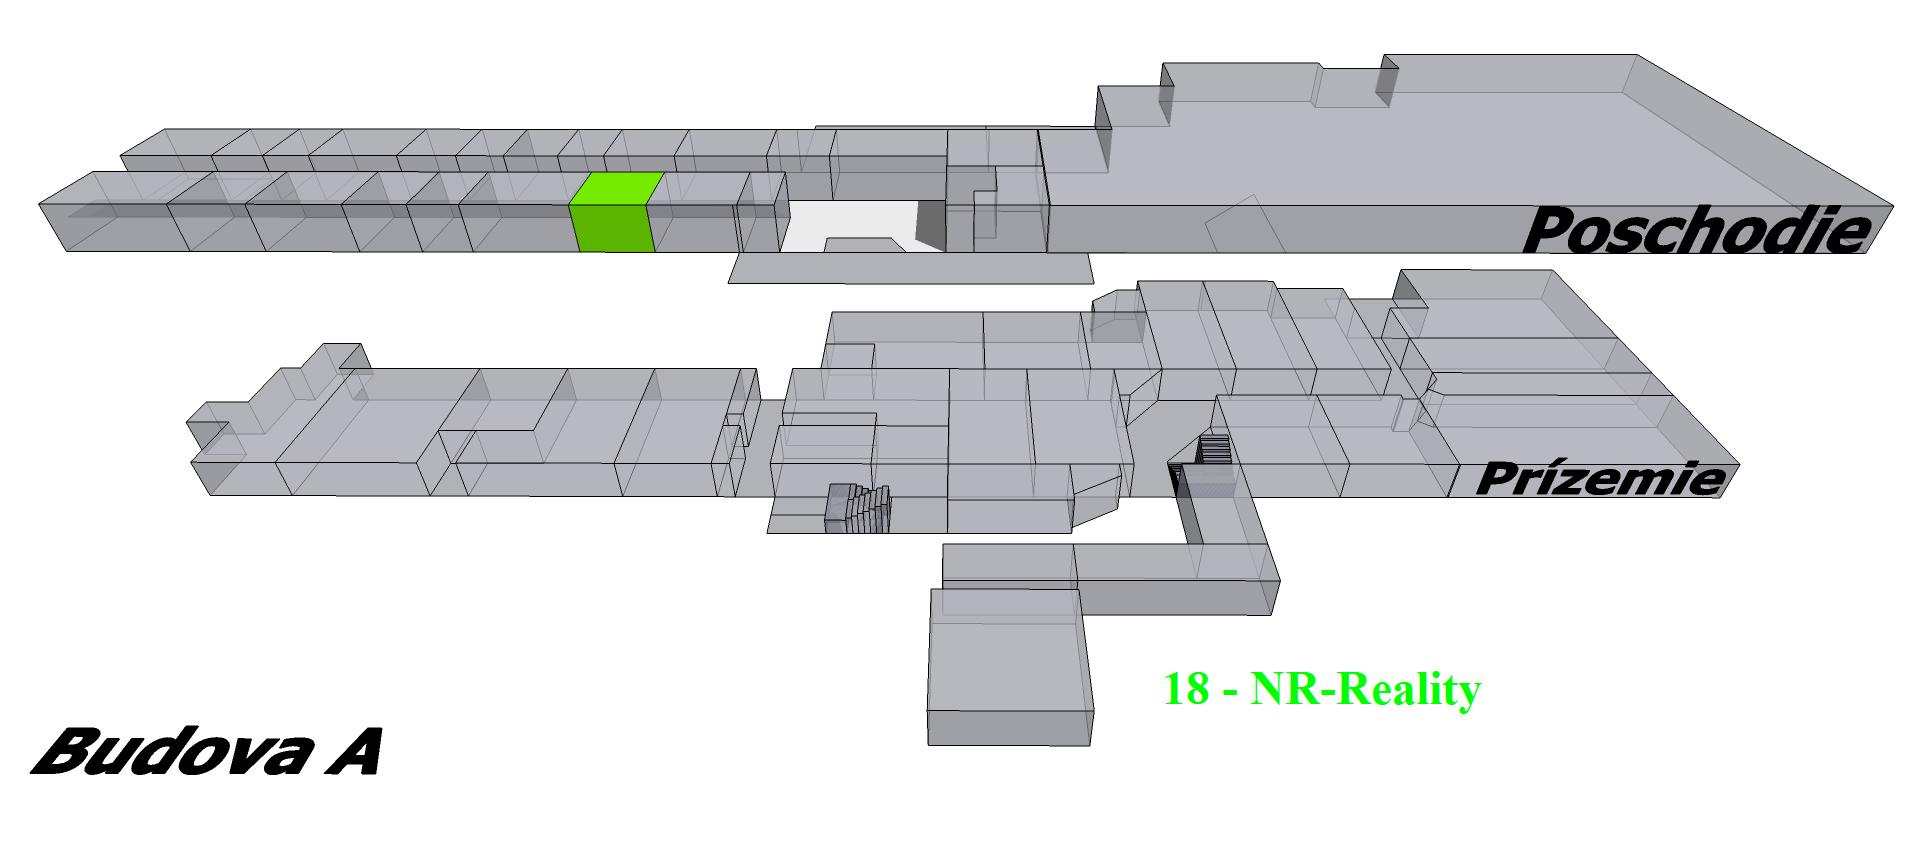 18_NR-Reality_budova_A_poschodie_s_u